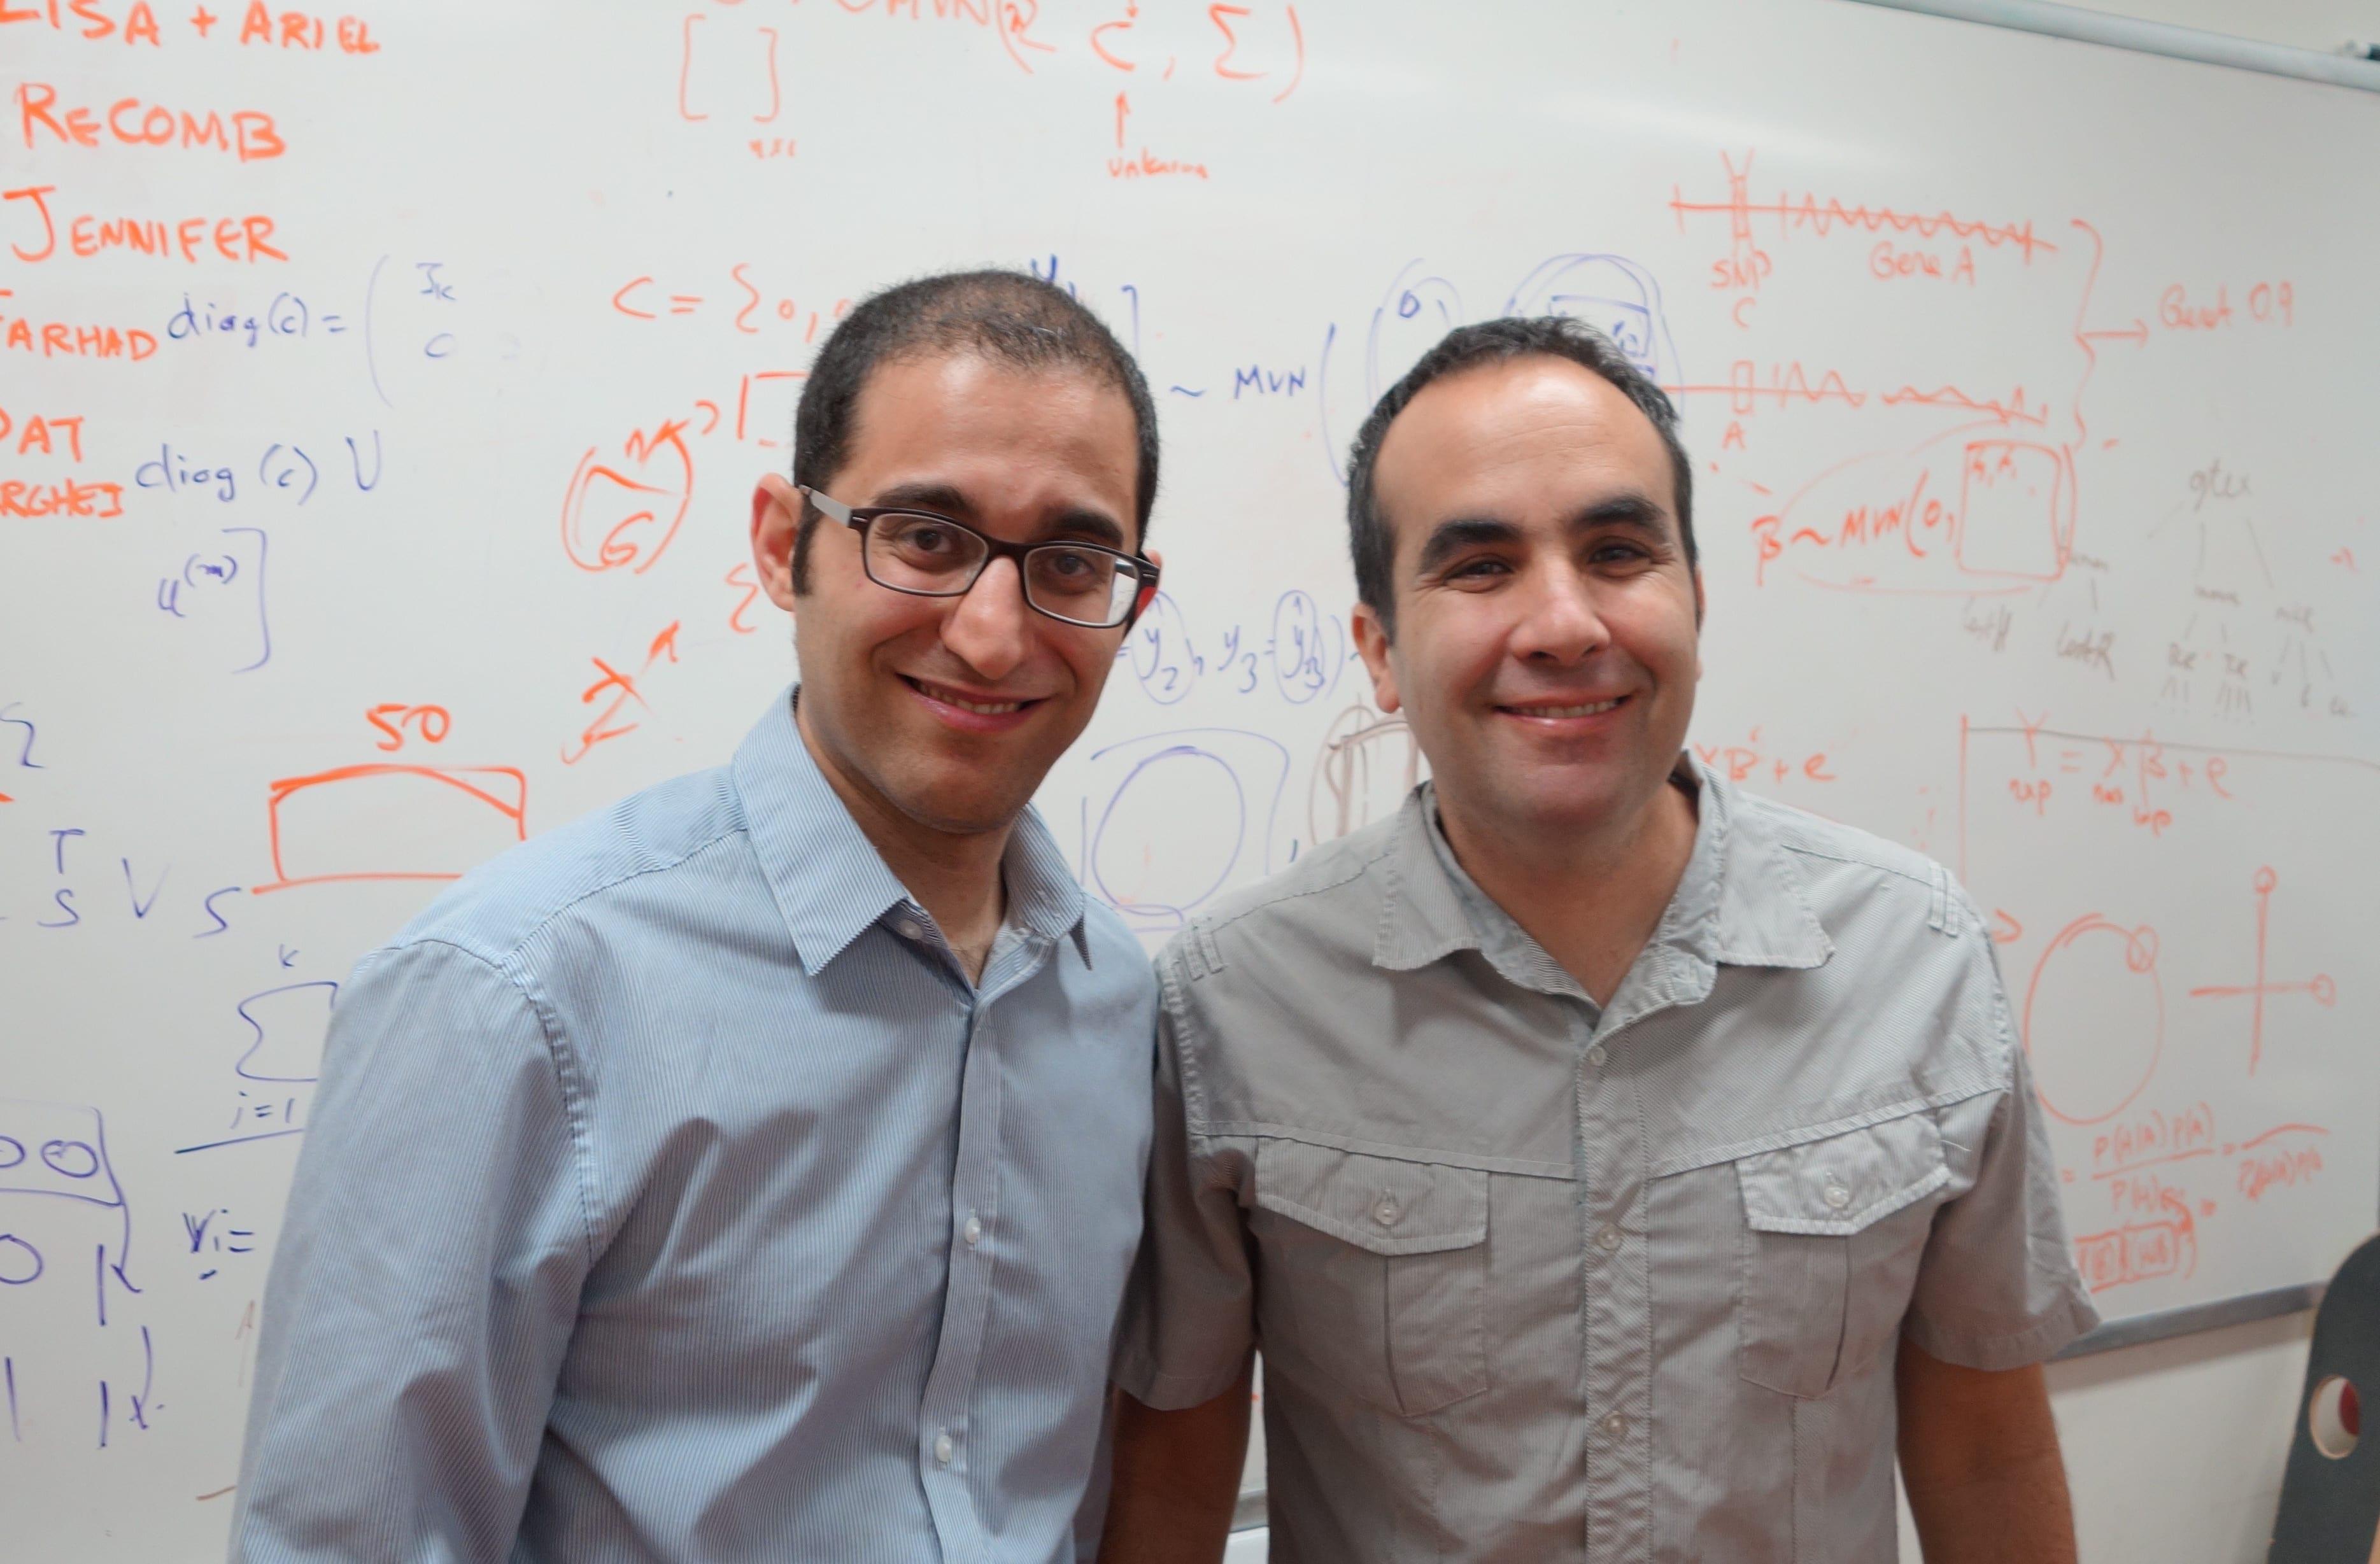 Eleazar Eskin, PhD